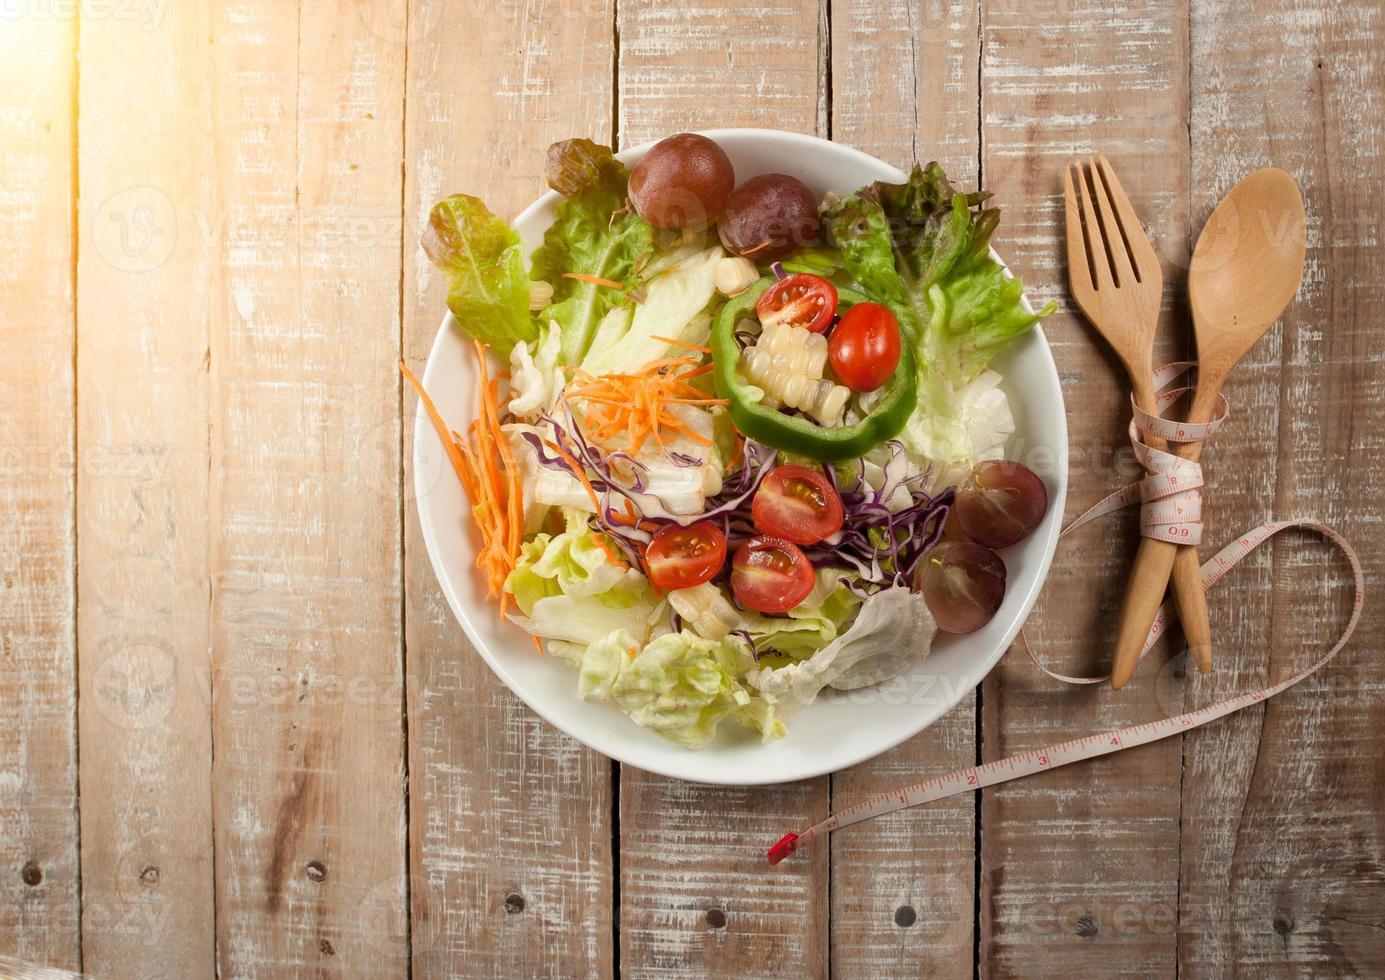 Salade fraîche saine, ustensile et ruban à mesurer sur bois backgrou photo